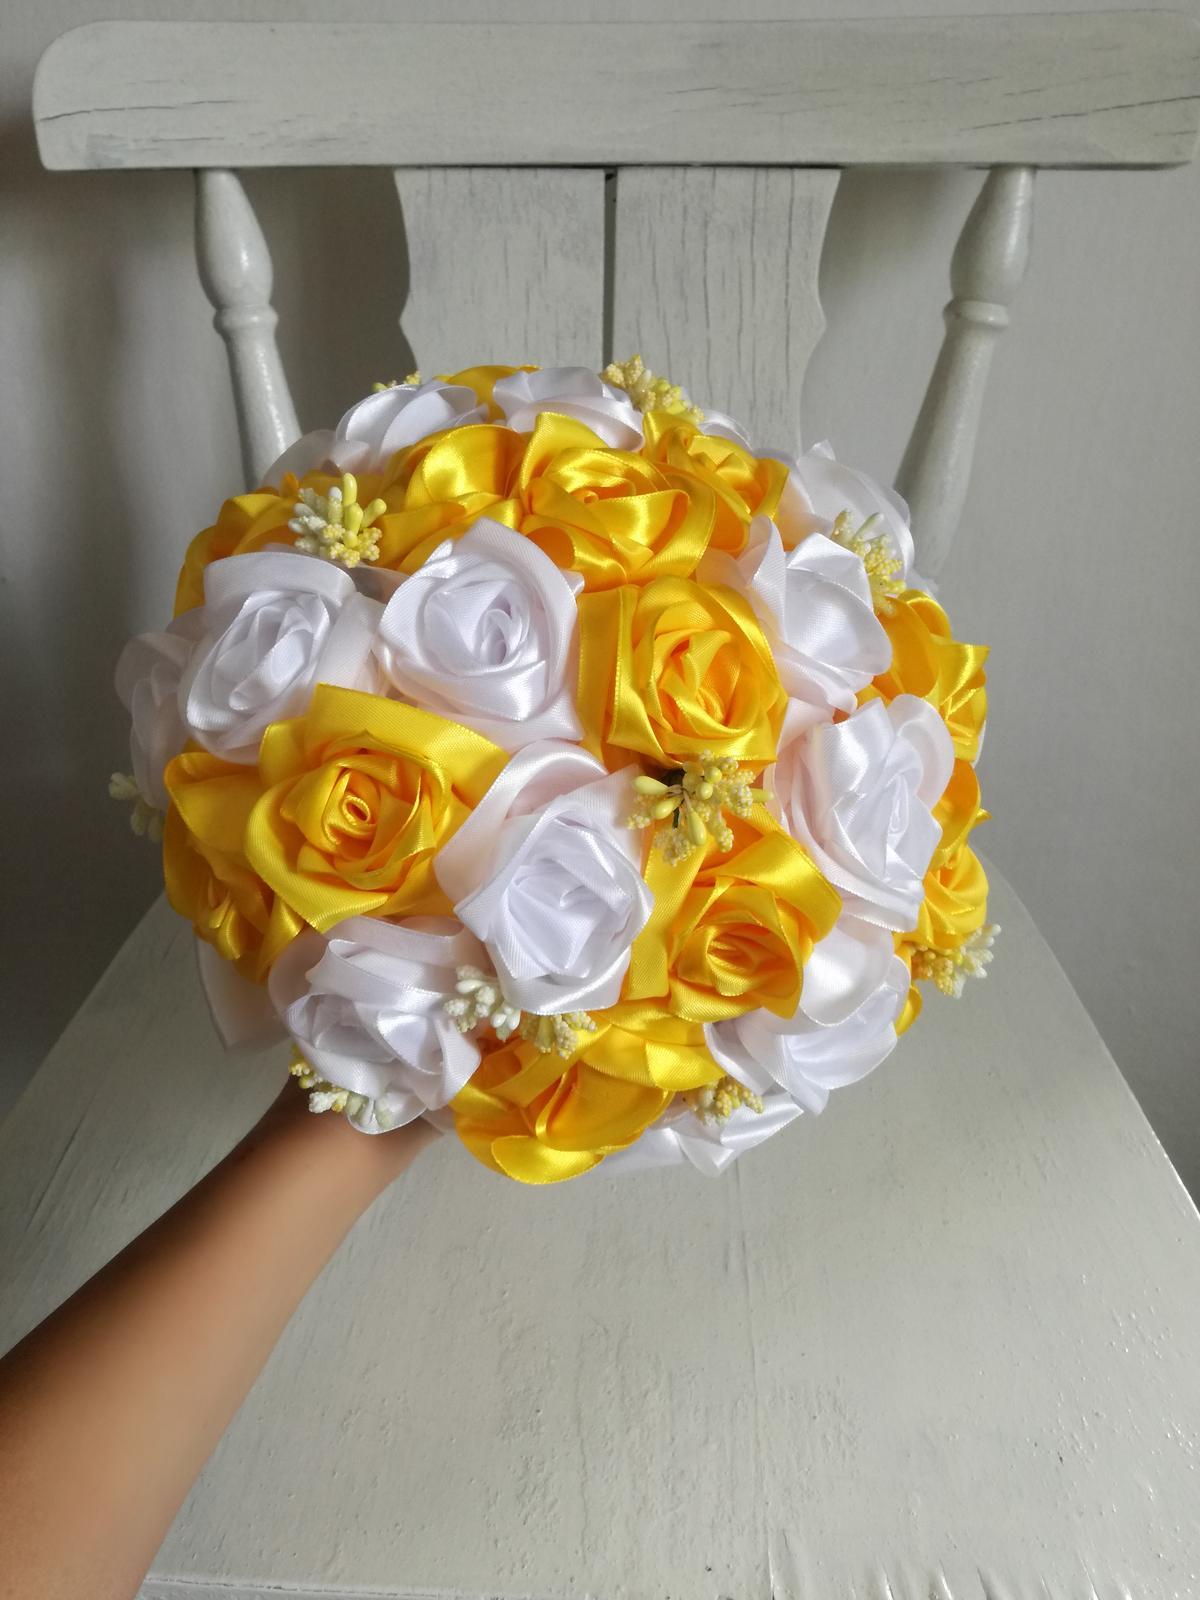 Saténové ruže-žlto biele,pošta v cene - Obrázok č. 2